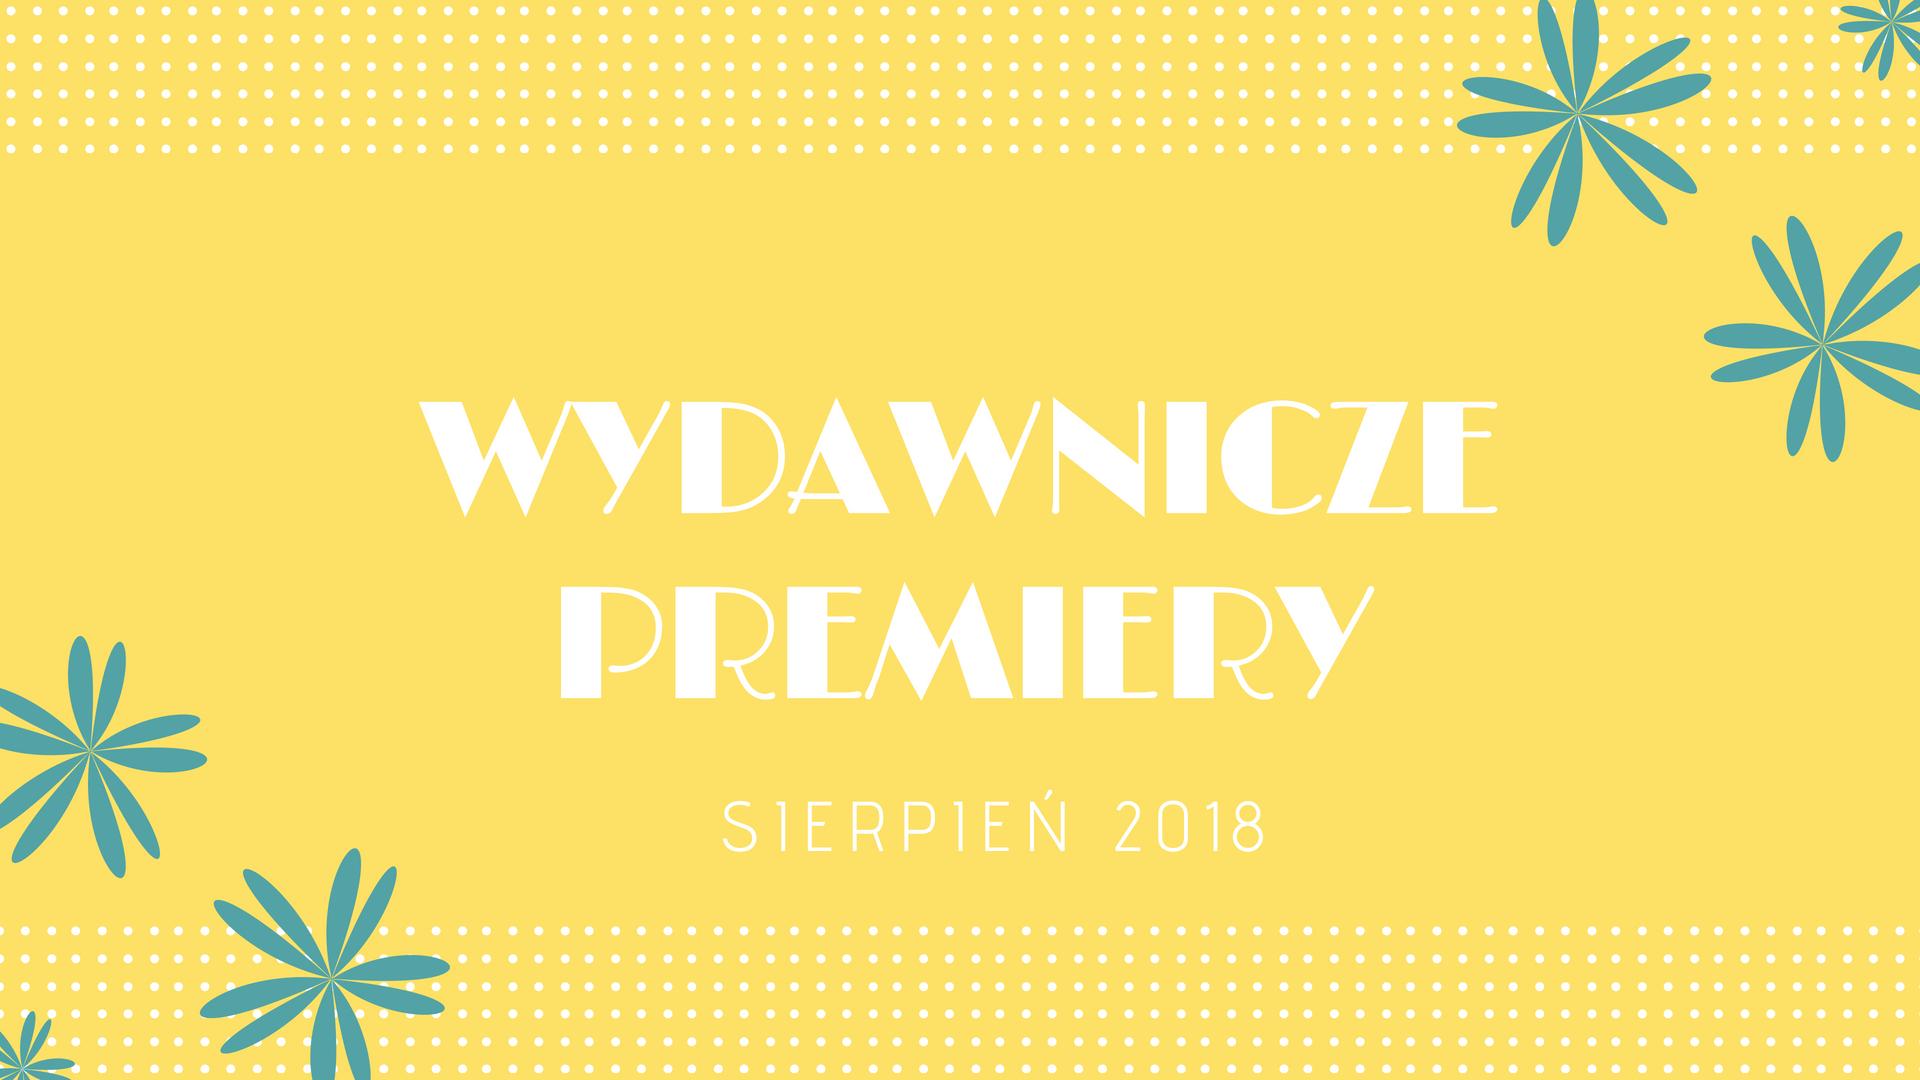 Premiery wydawnicze – sierpień 2018